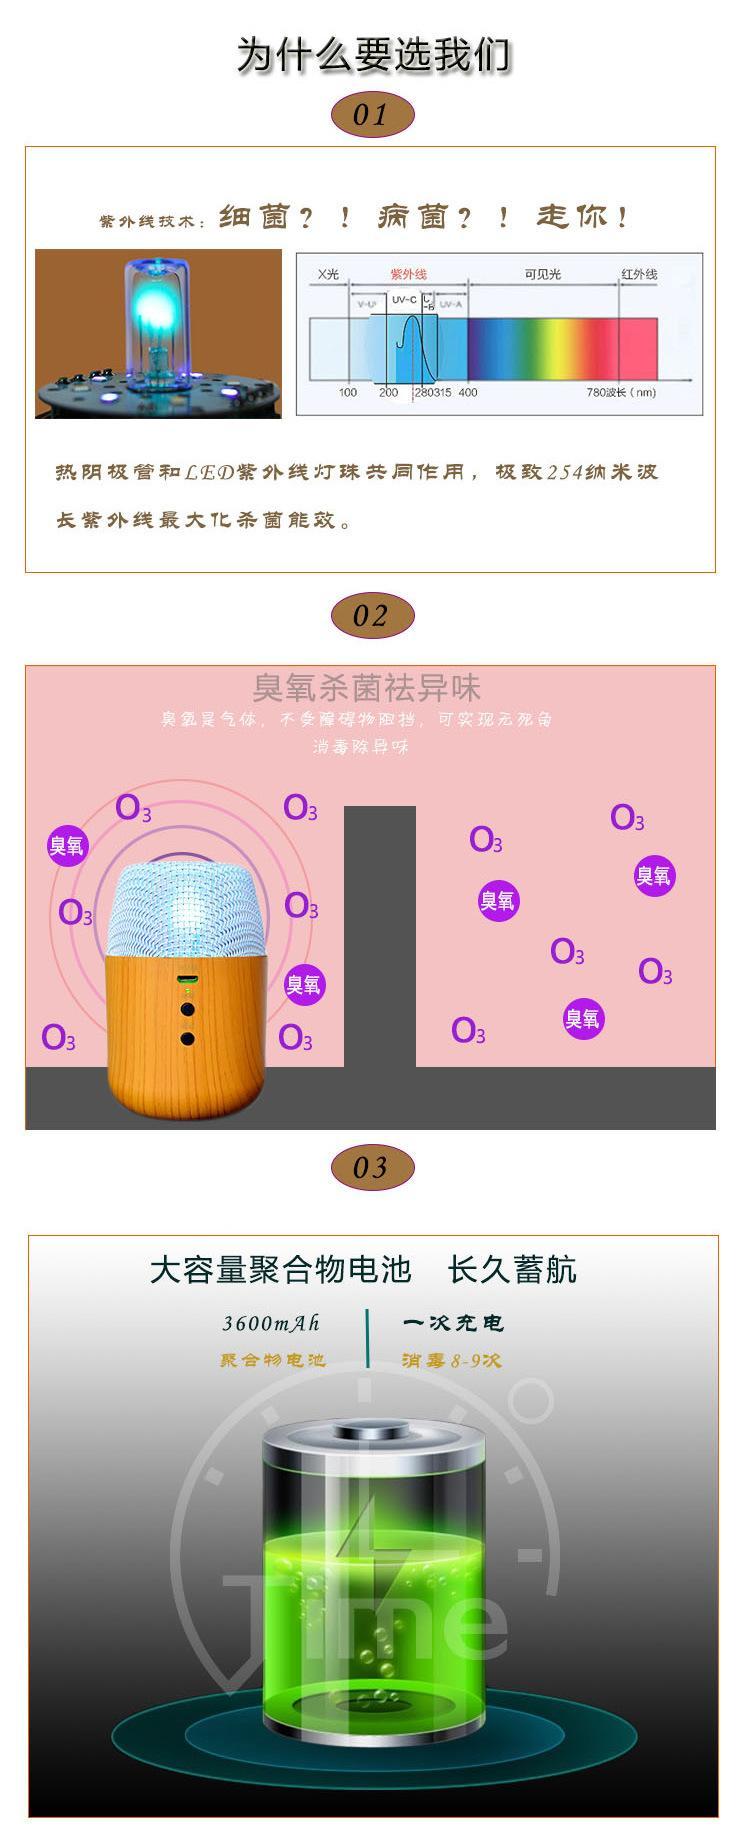 便攜紫外線家用廚房衛生間衣櫃冰箱汽車用臭氧紫外線滅菌燈 8